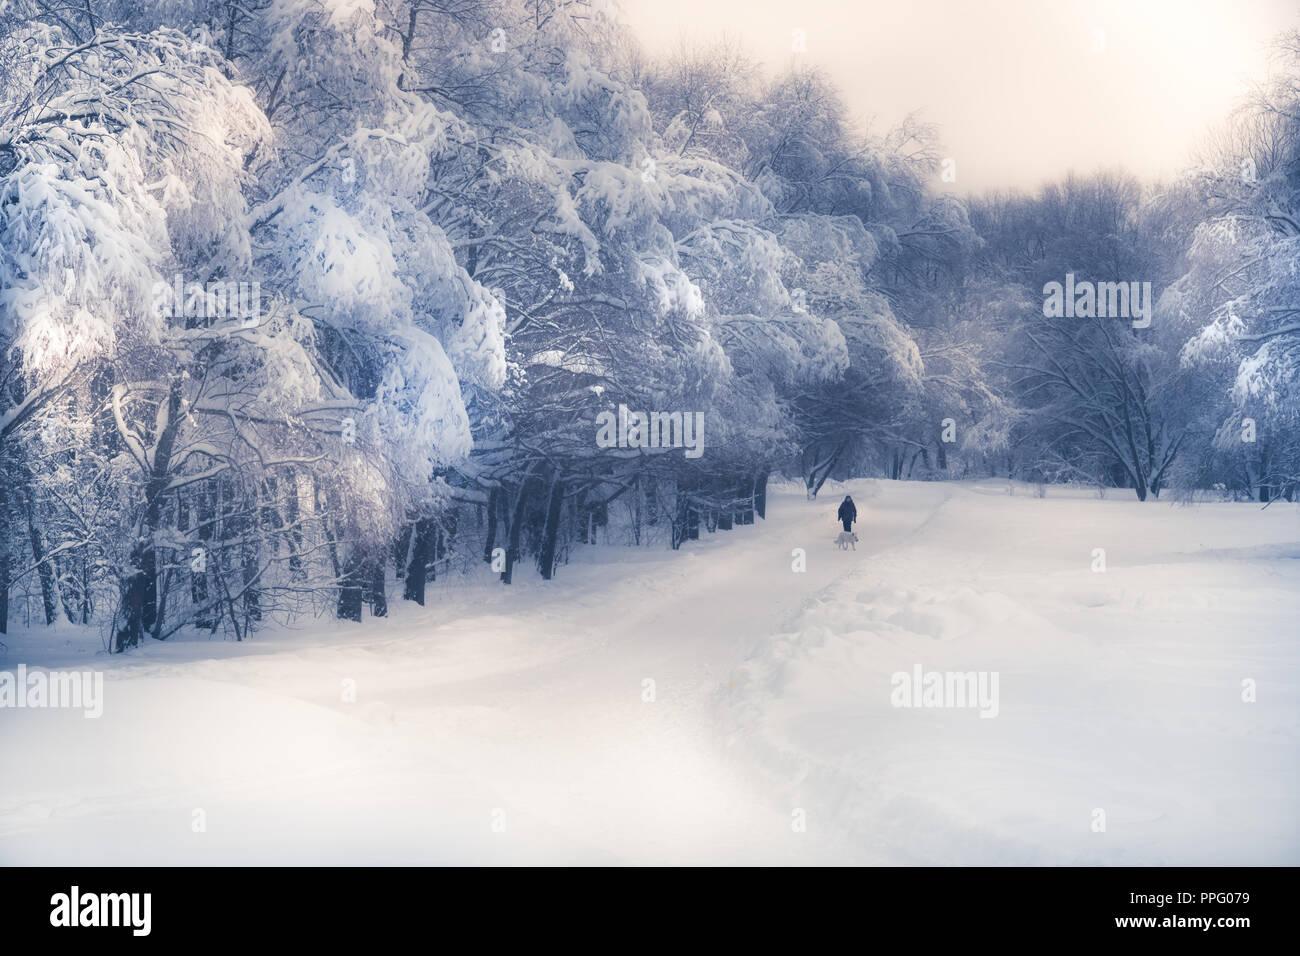 Silhouette solitaire marche sur route enneigée en hiver dans le parc de la forêt d'Arbres enneigés dans de doux tons mauve bleu Photo Stock